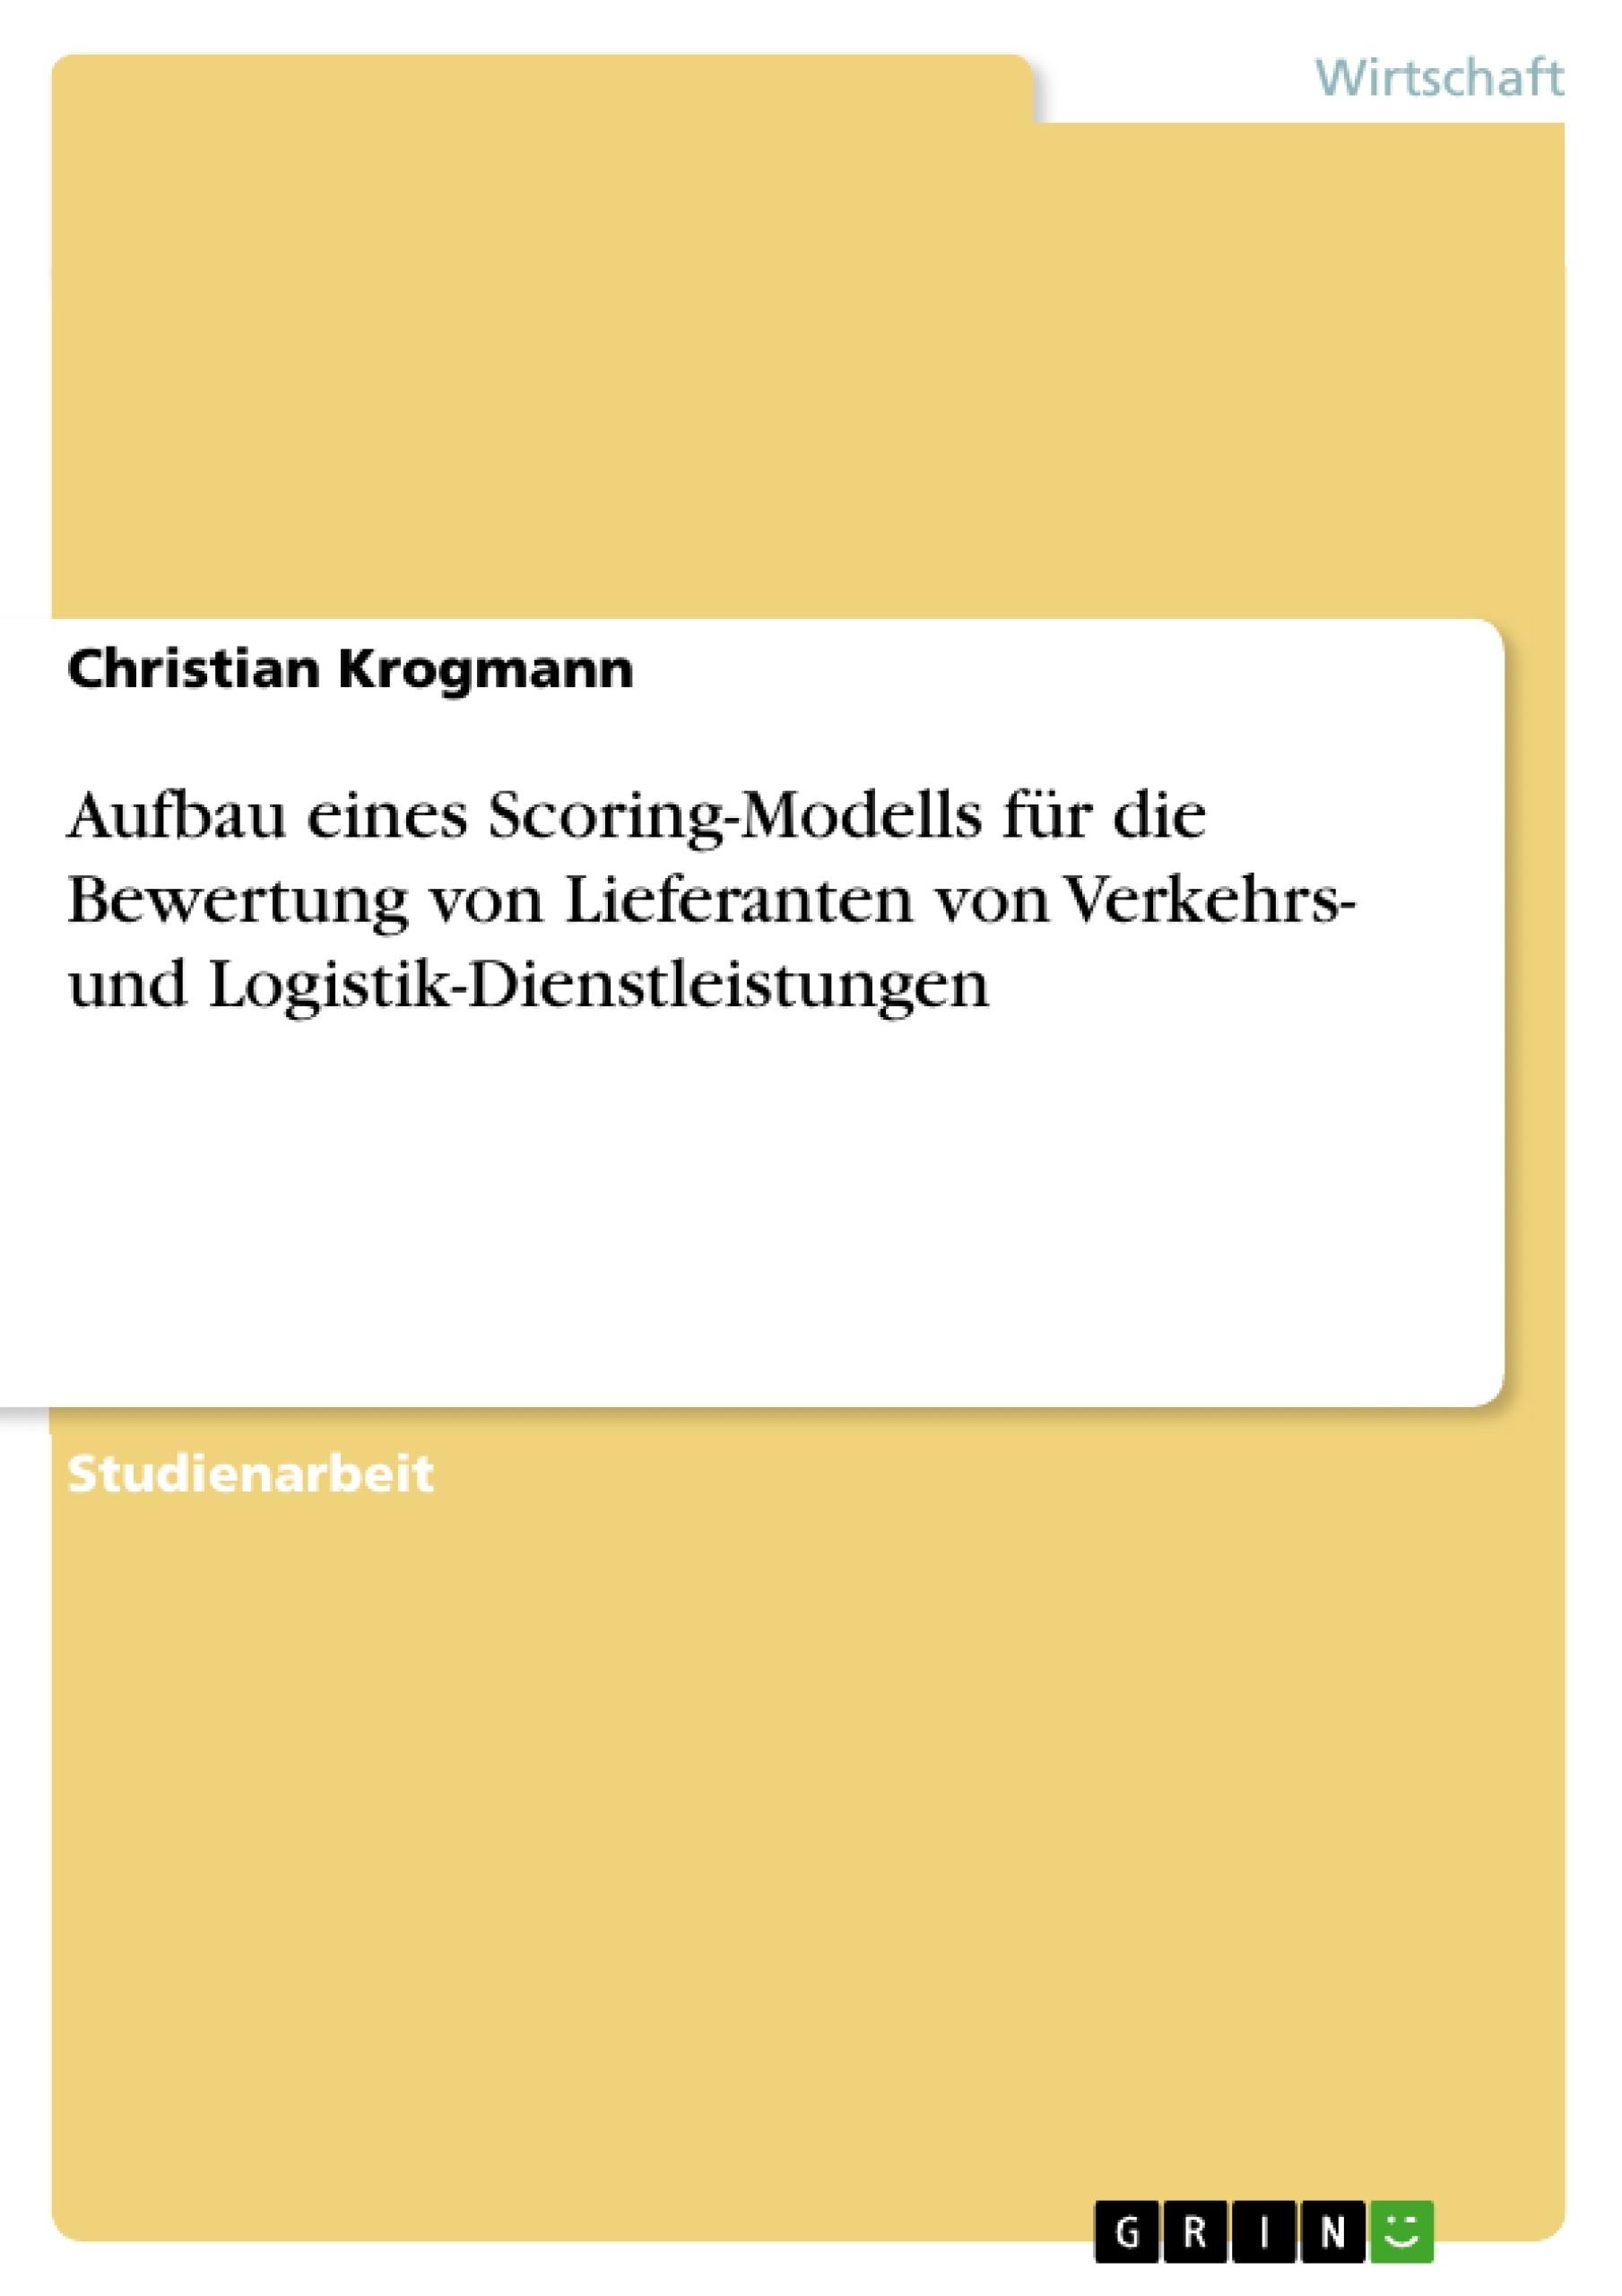 Titel: Aufbau eines Scoring-Modells für die Bewertung von Lieferanten von Verkehrs- und Logistik-Dienstleistungen